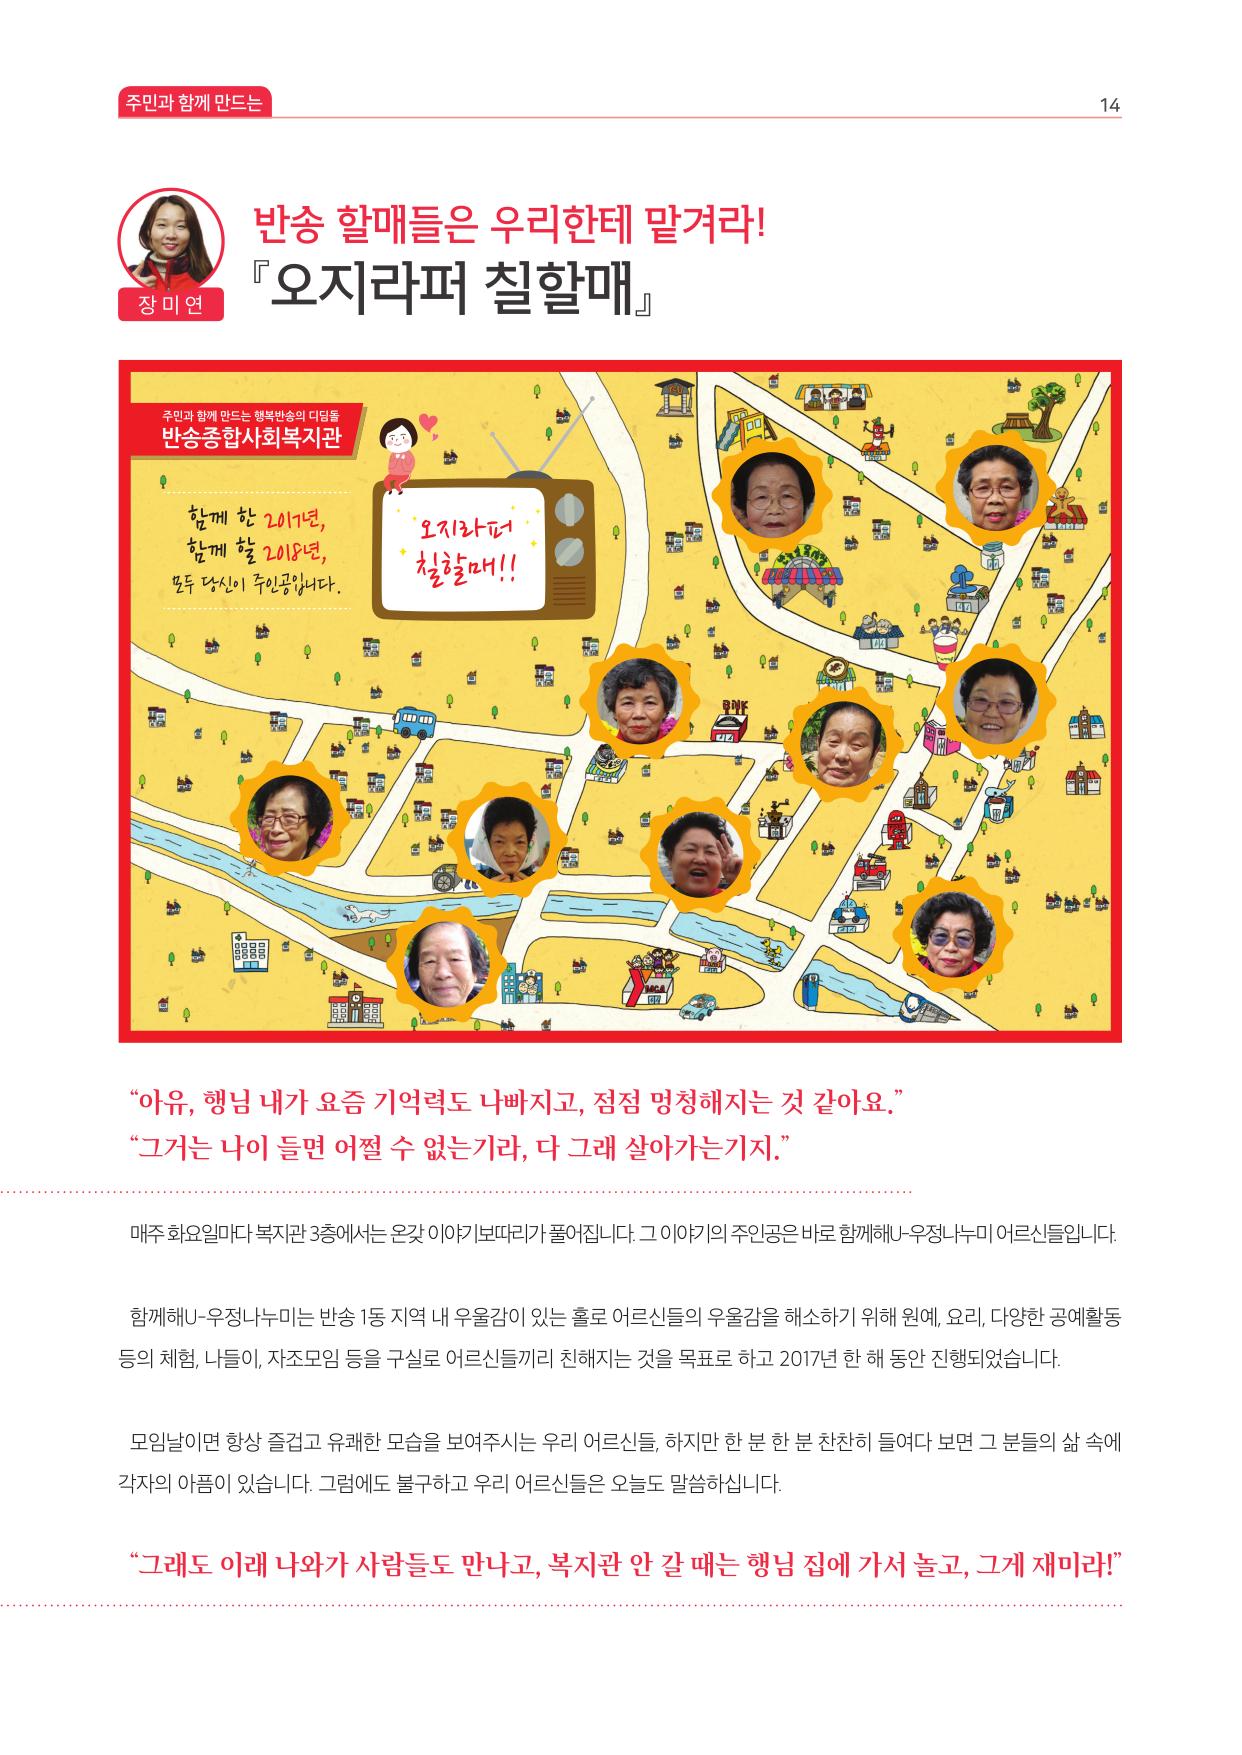 반송종합사회복지관연간소식지(2017)-14.jpg